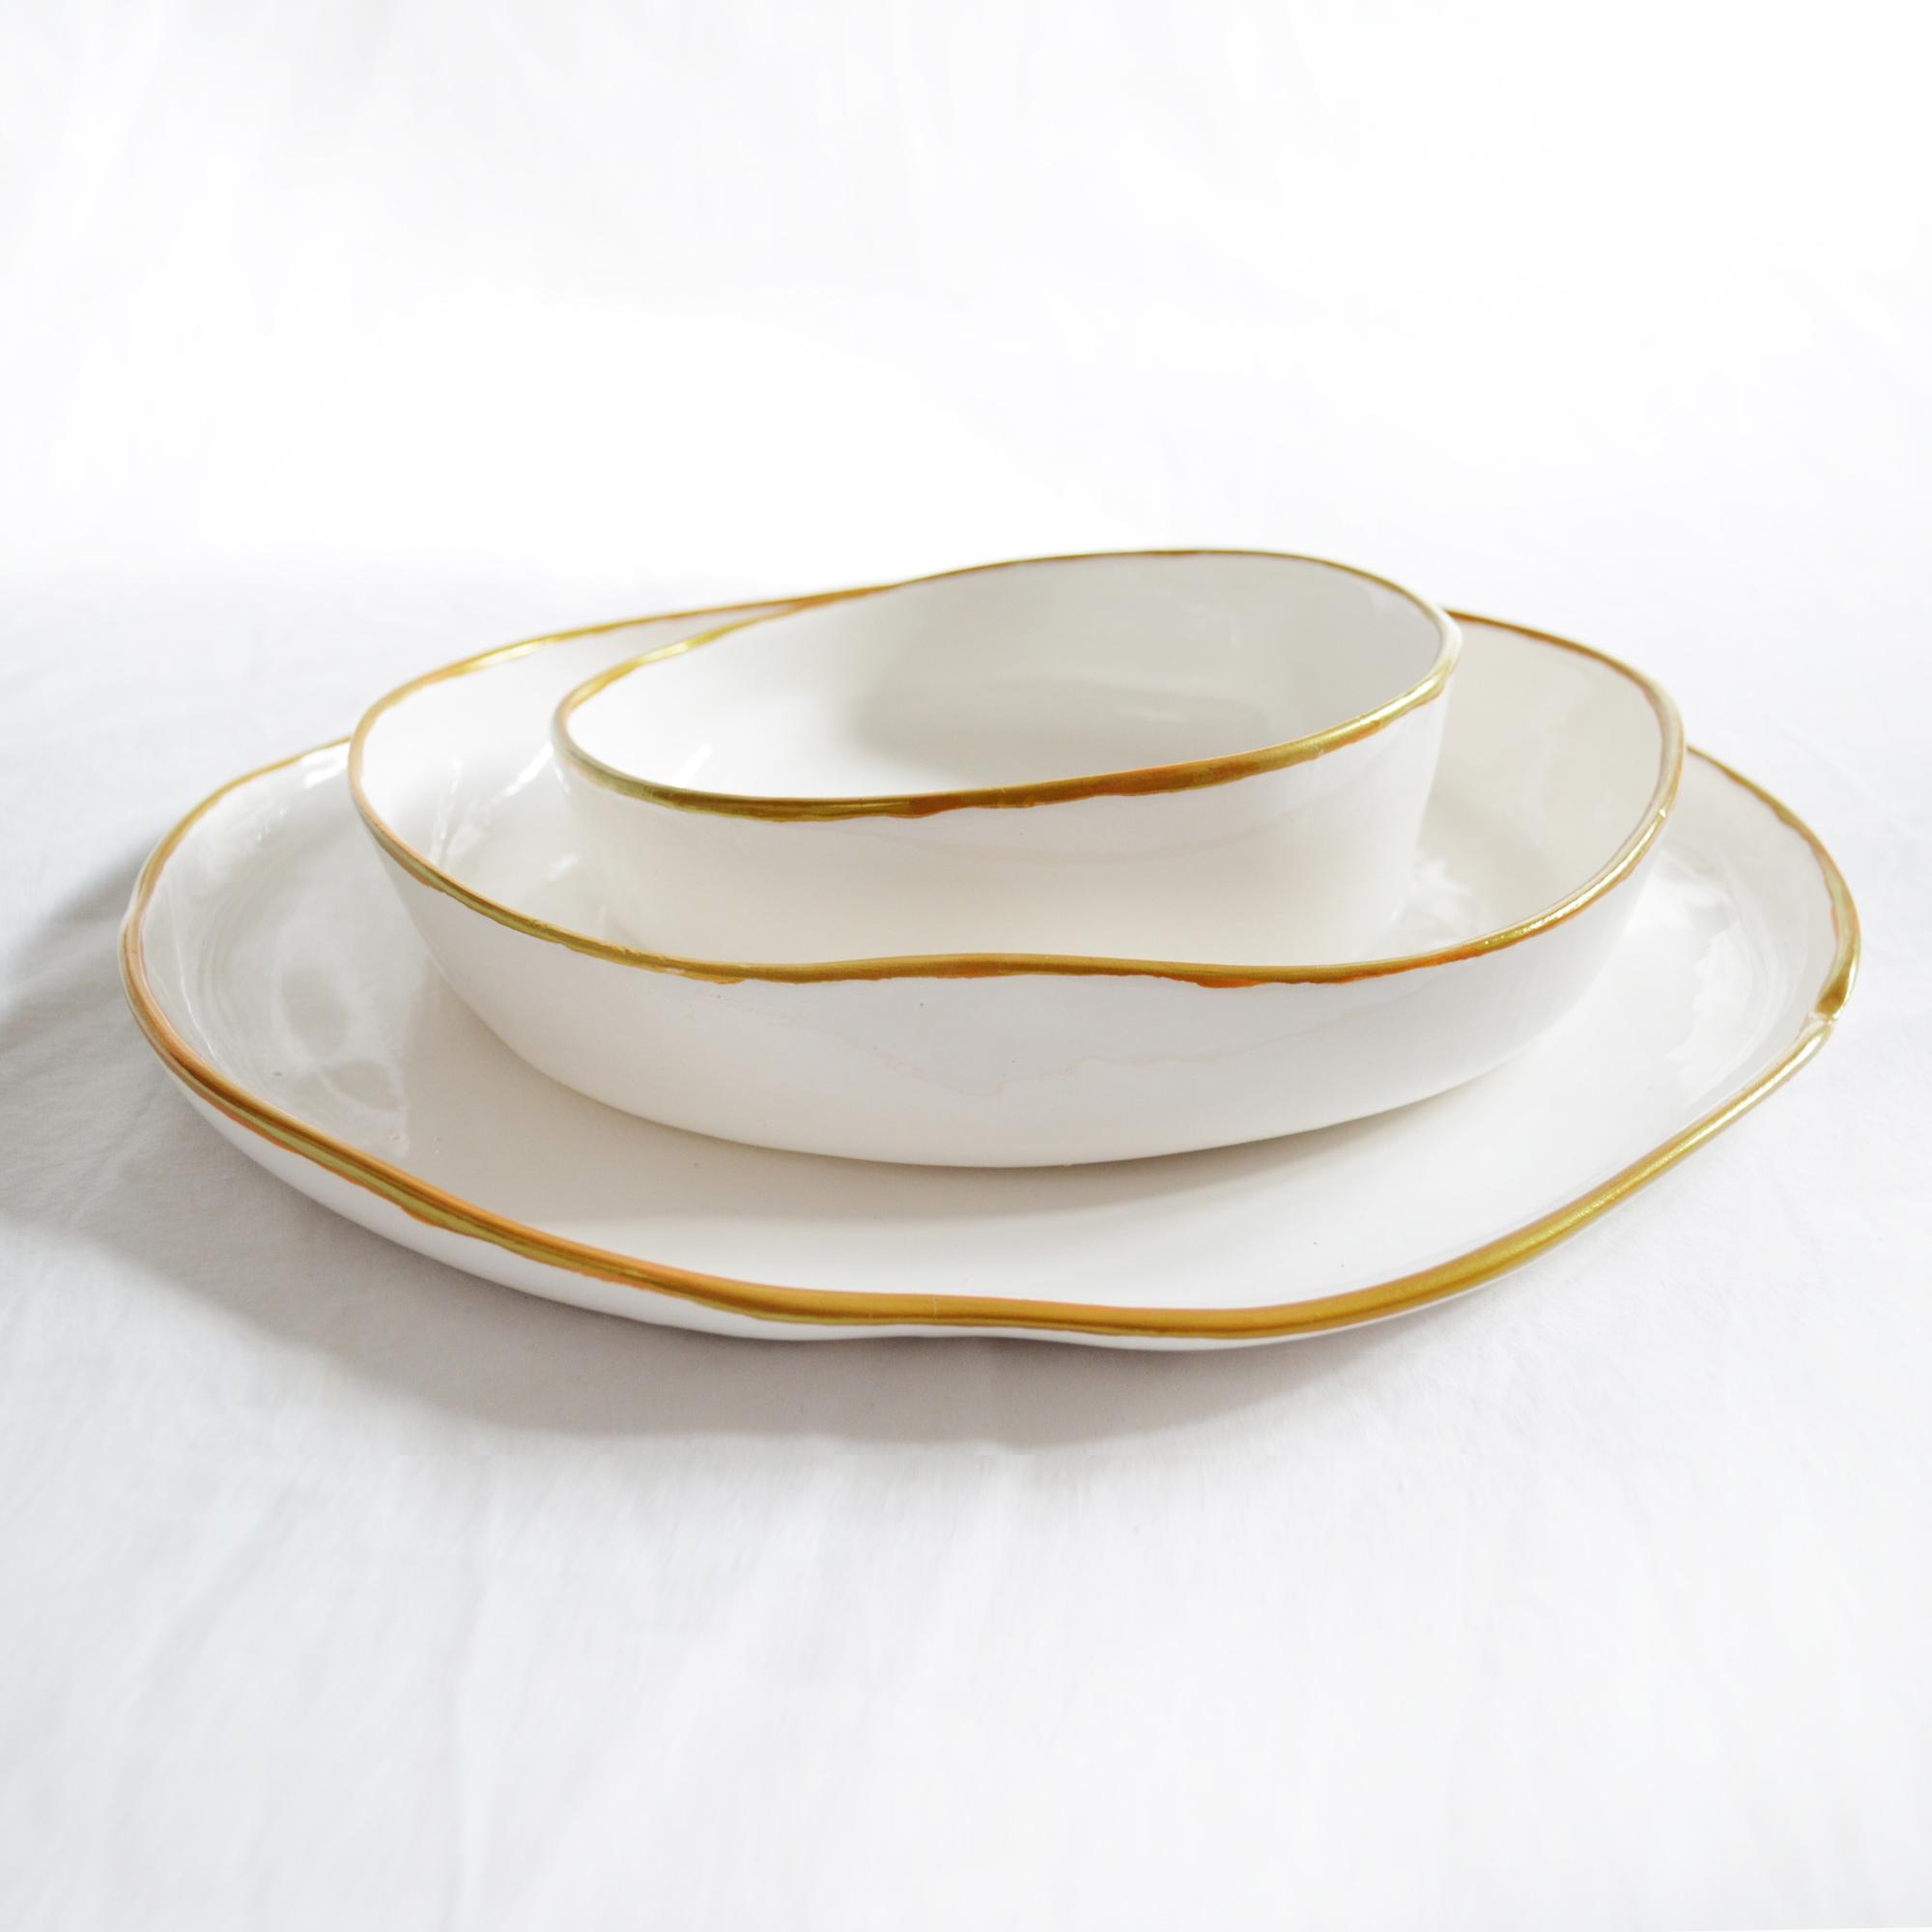 platos miyaya de diseño fabricados a mano en ceramica blanca con borde dorado varios modelos grande llano postr